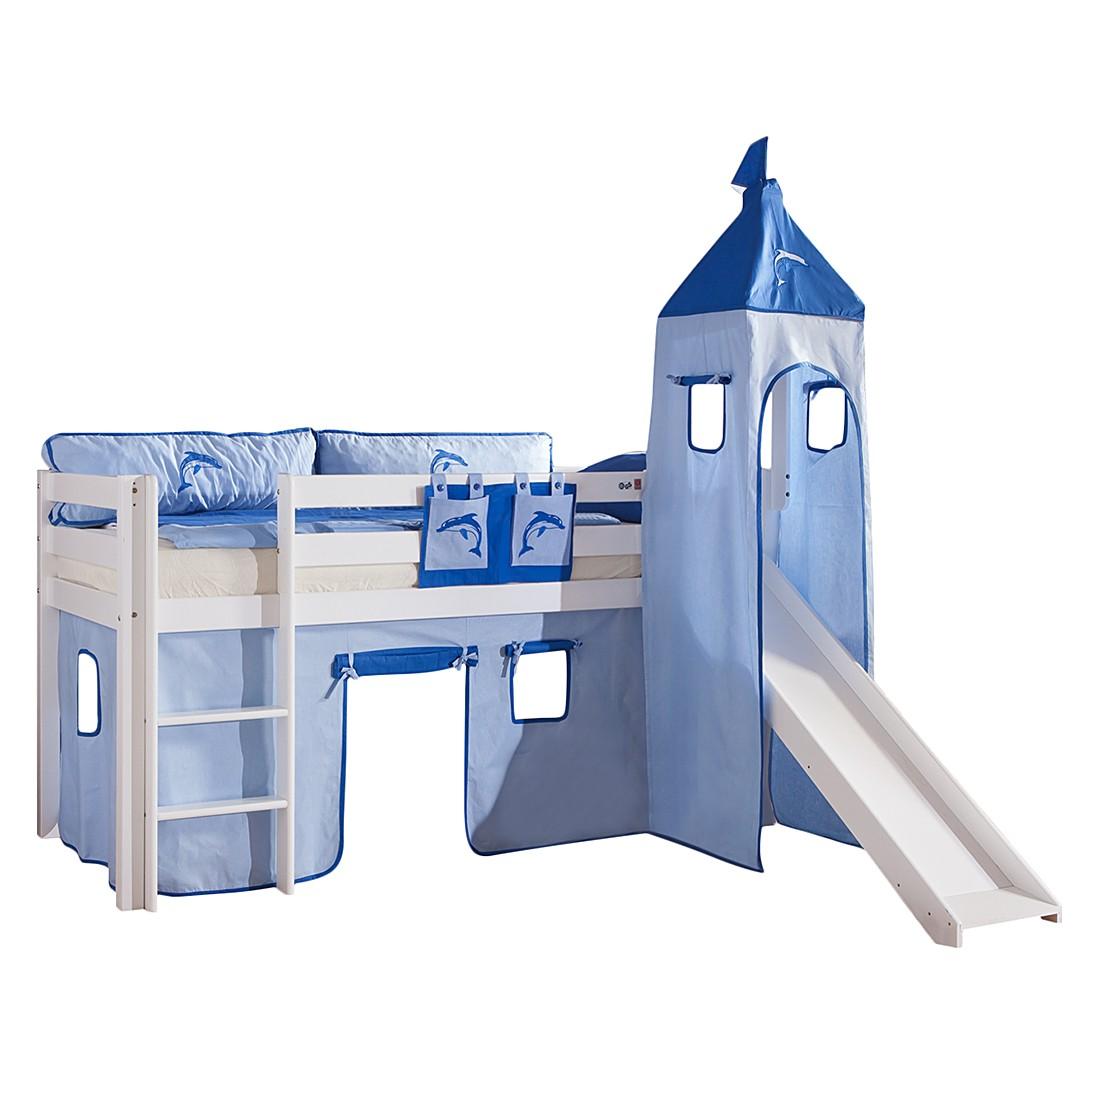 Spielbett Alex - mit Rutsche, Vorhang, Turm und Tasche - Buche weiß/Textil blau-delfin, Relita